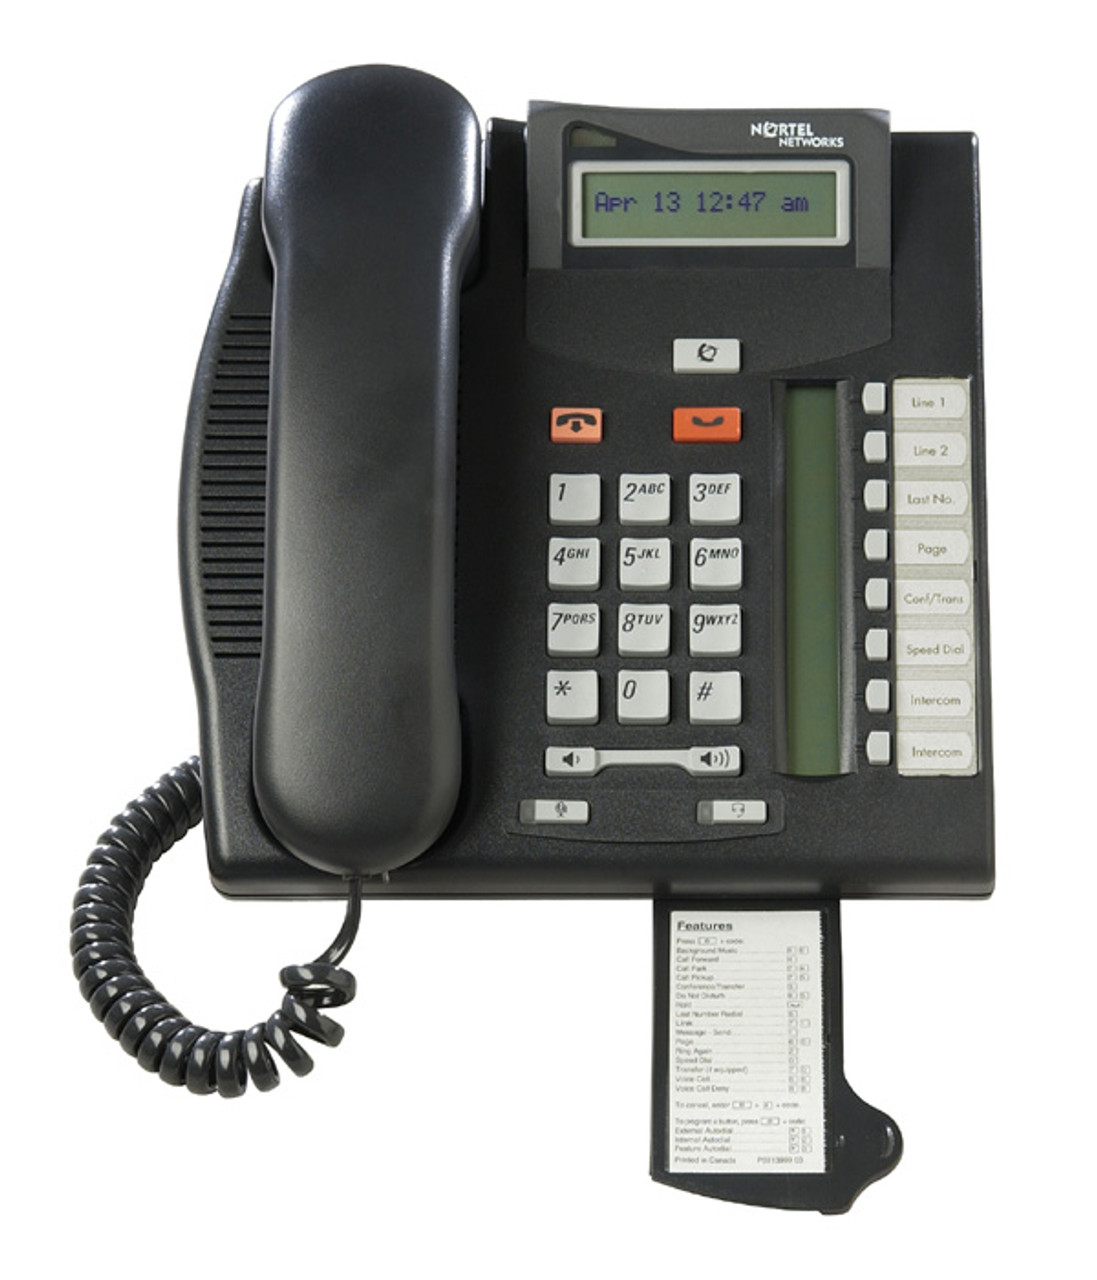 medium resolution of nortel norstar t7208 telephone